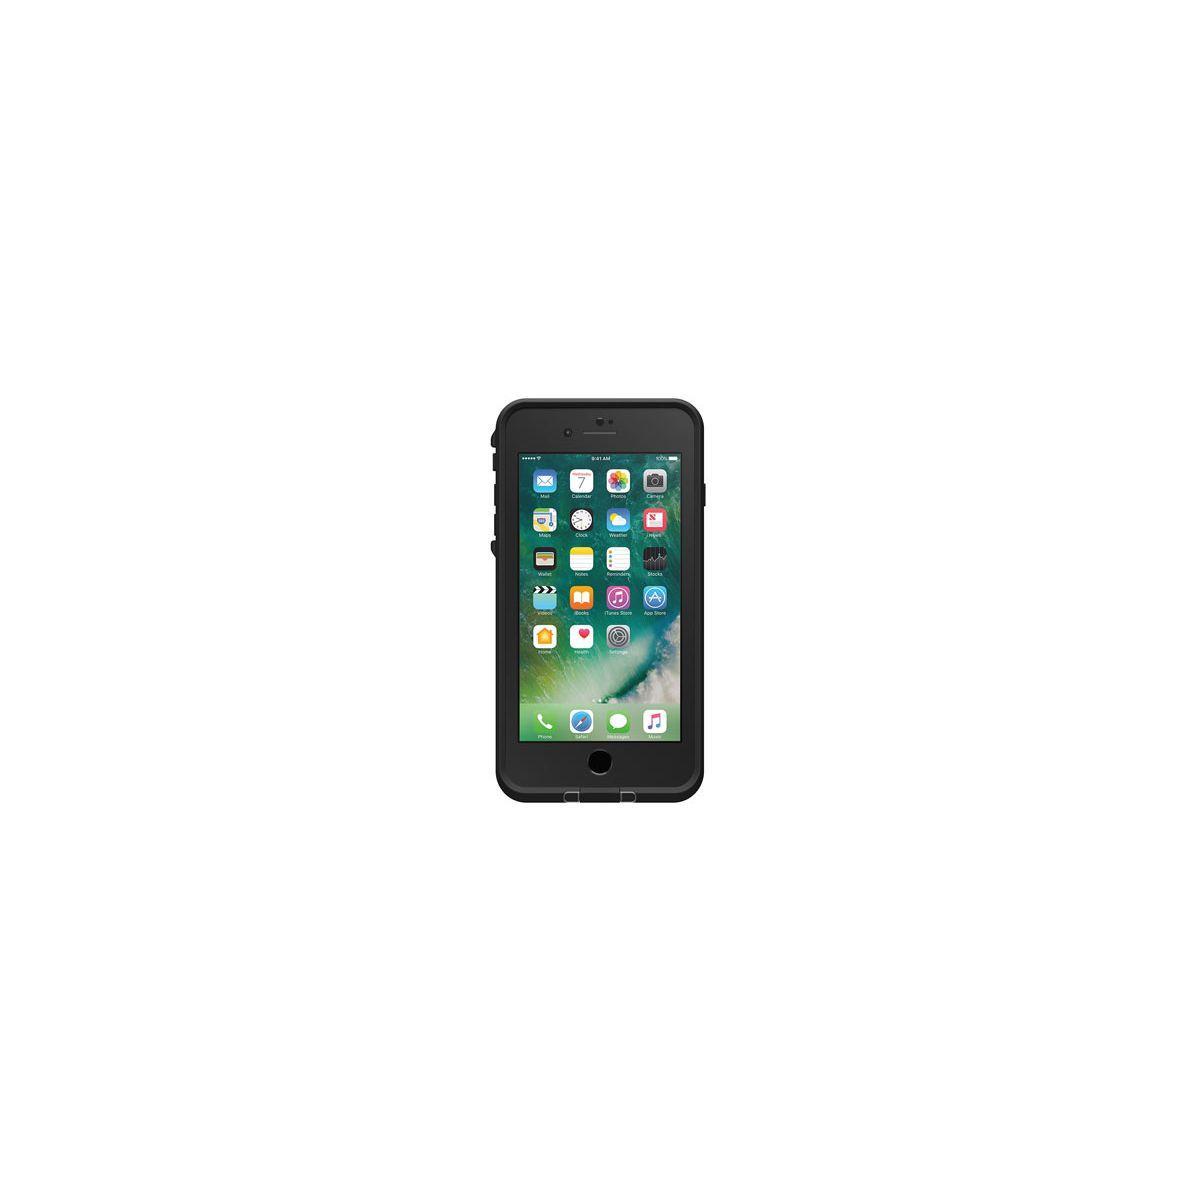 Coque lifeproof iphone 7 plus fre asphal - 20% de remise immédiate avec le code : multi20